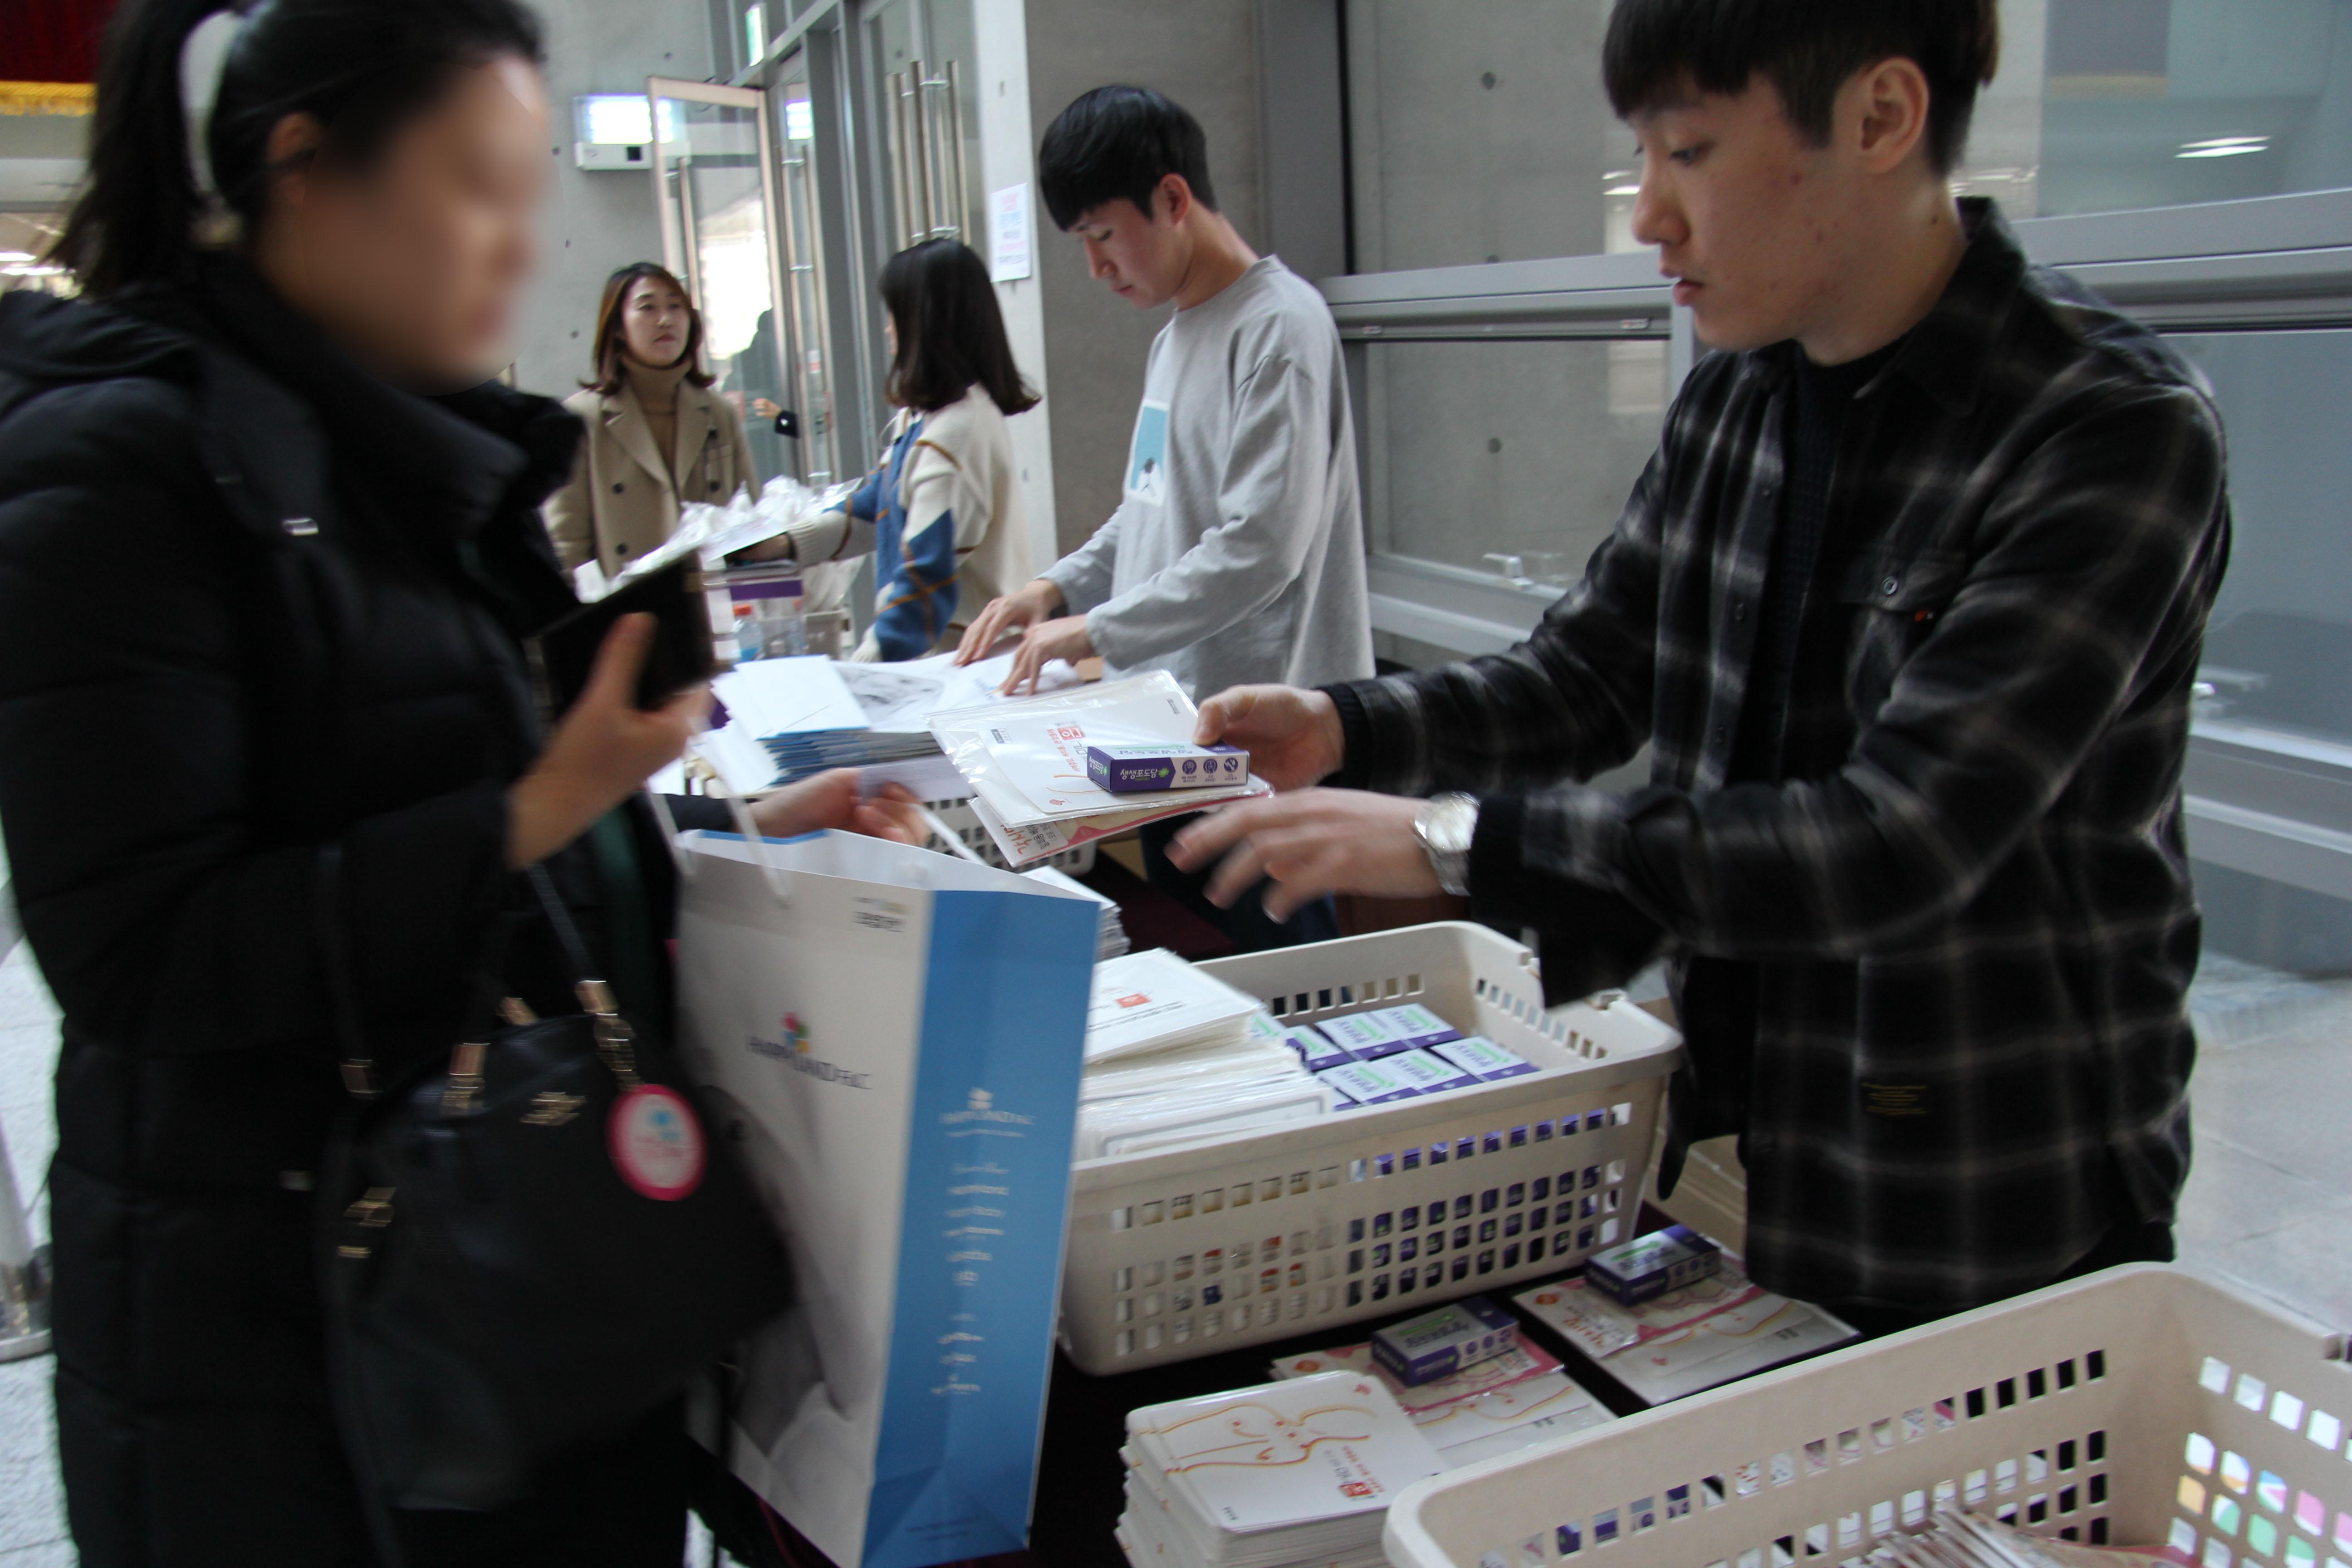 2018.02.26 고려대 유광사 홀 후기